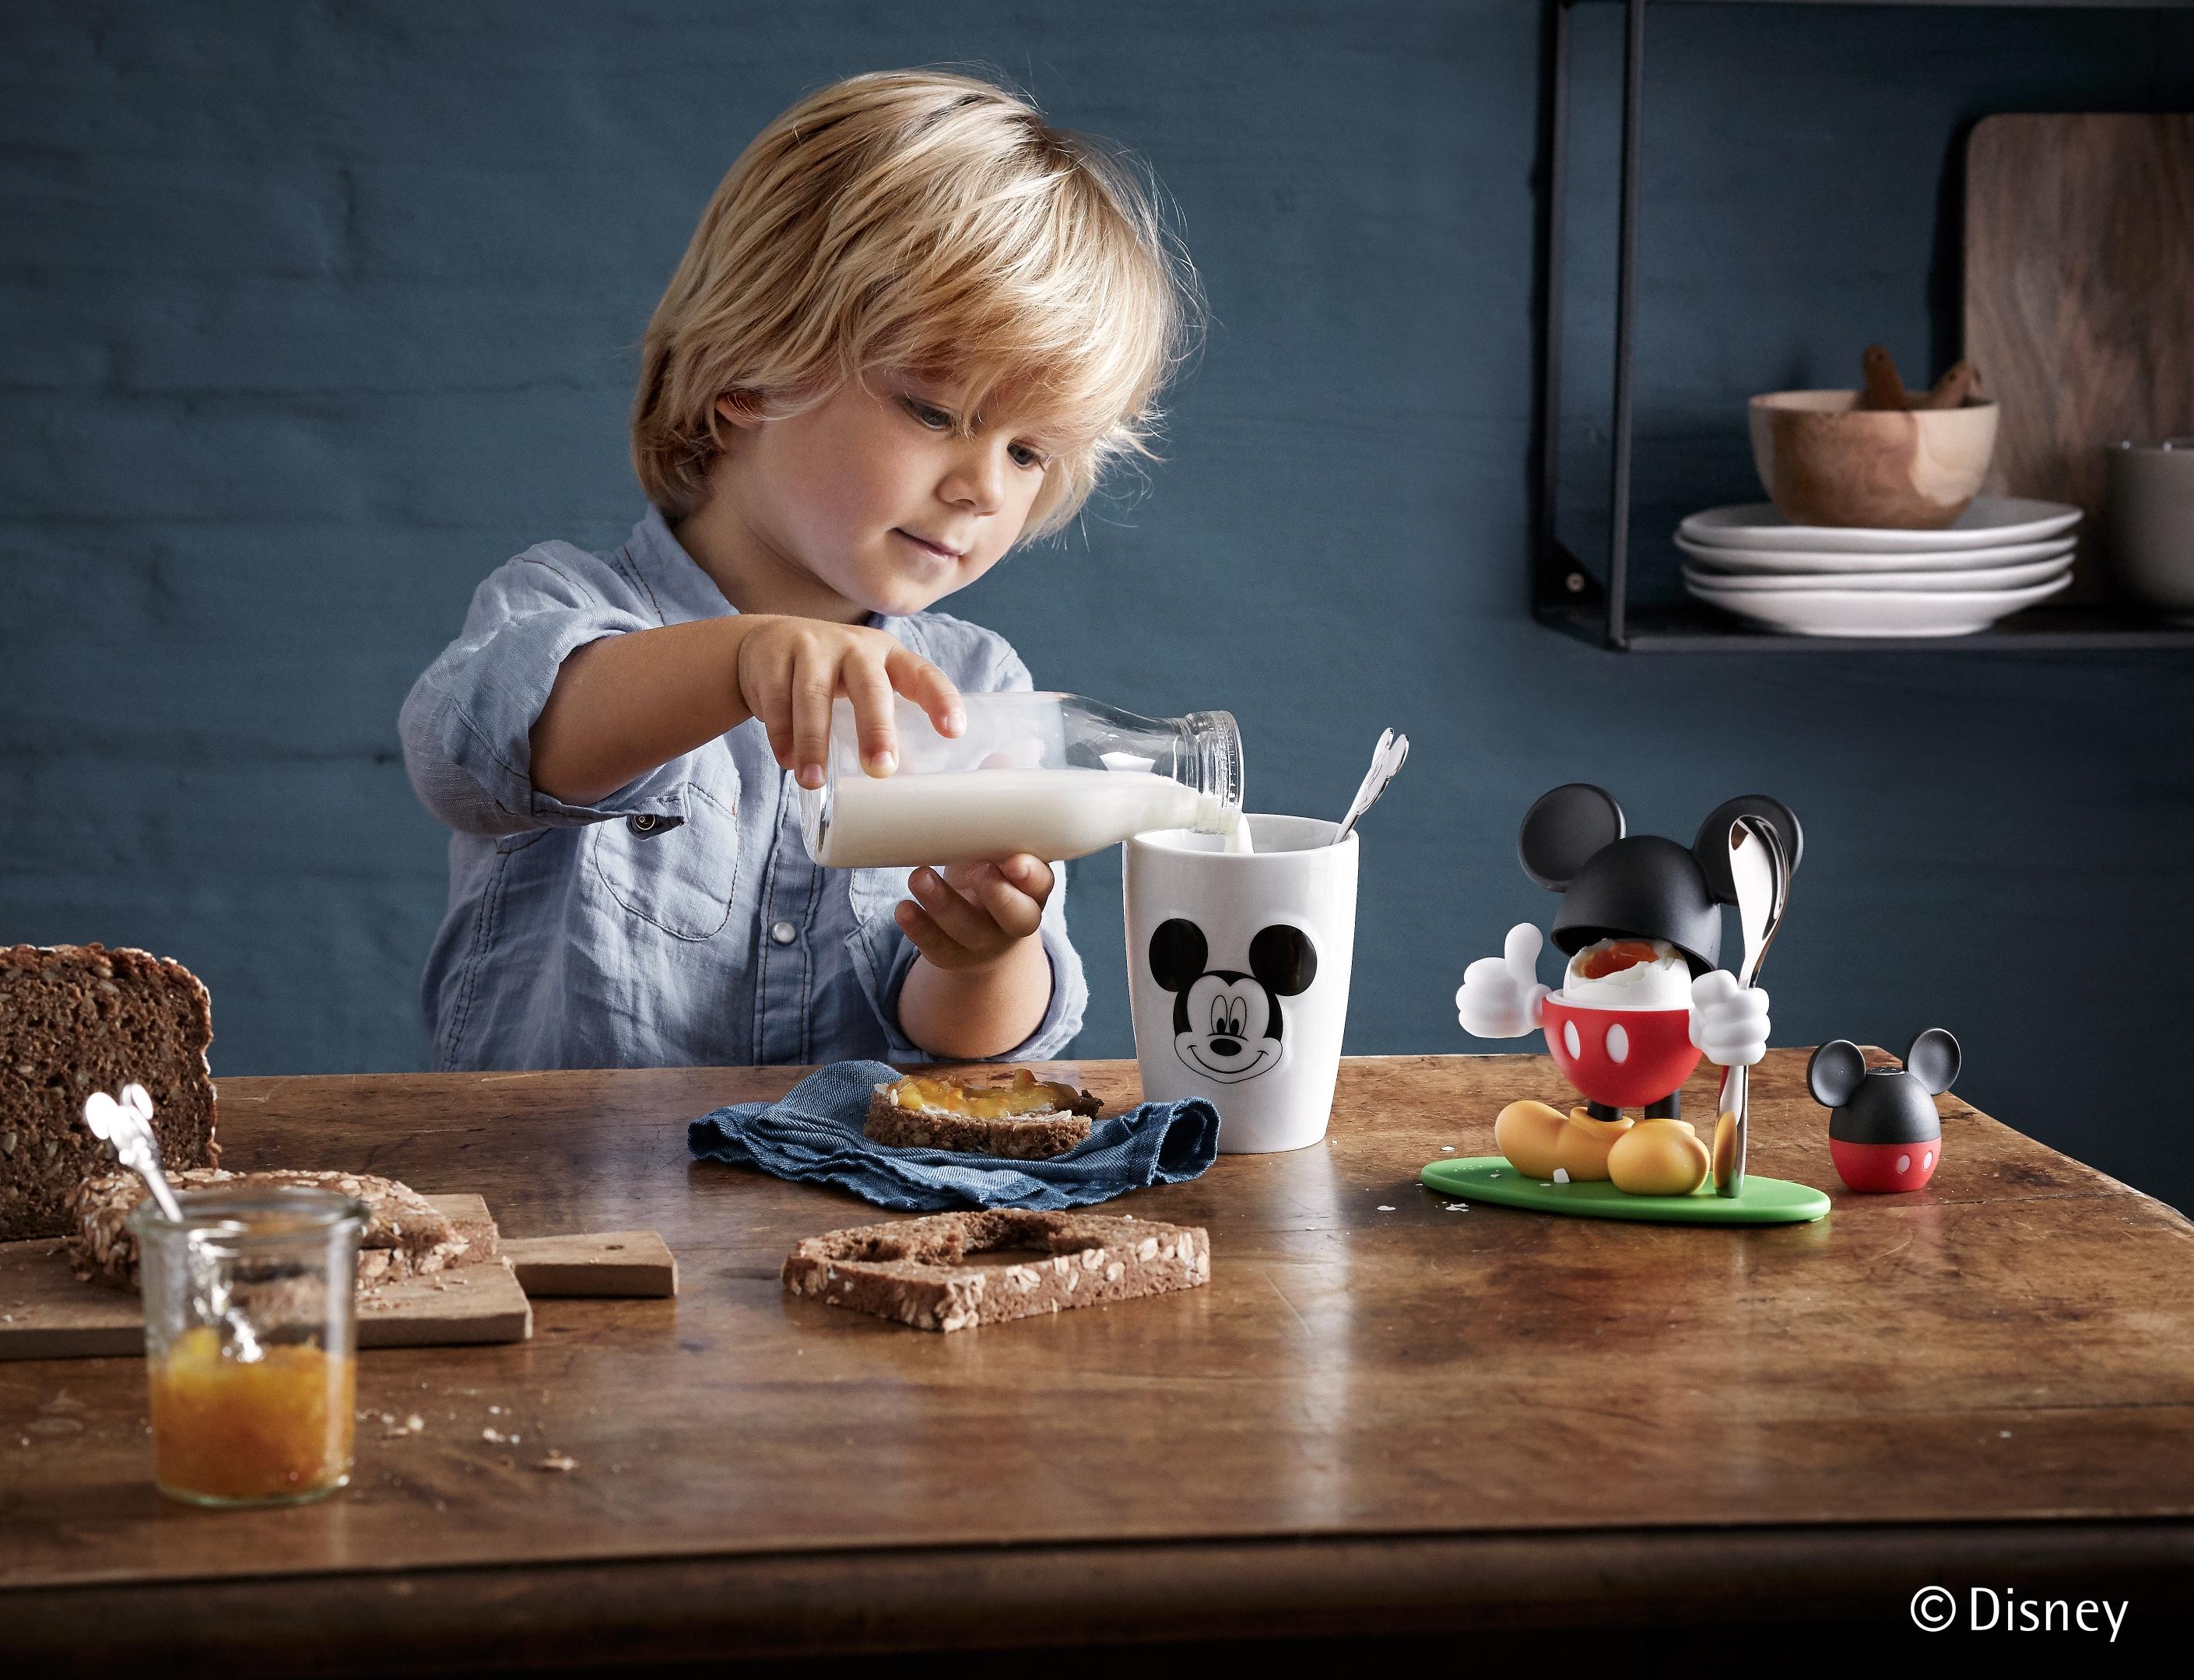 WMF Kaşıklı Bardak Seti: Çocuklara Uygun Tasarım